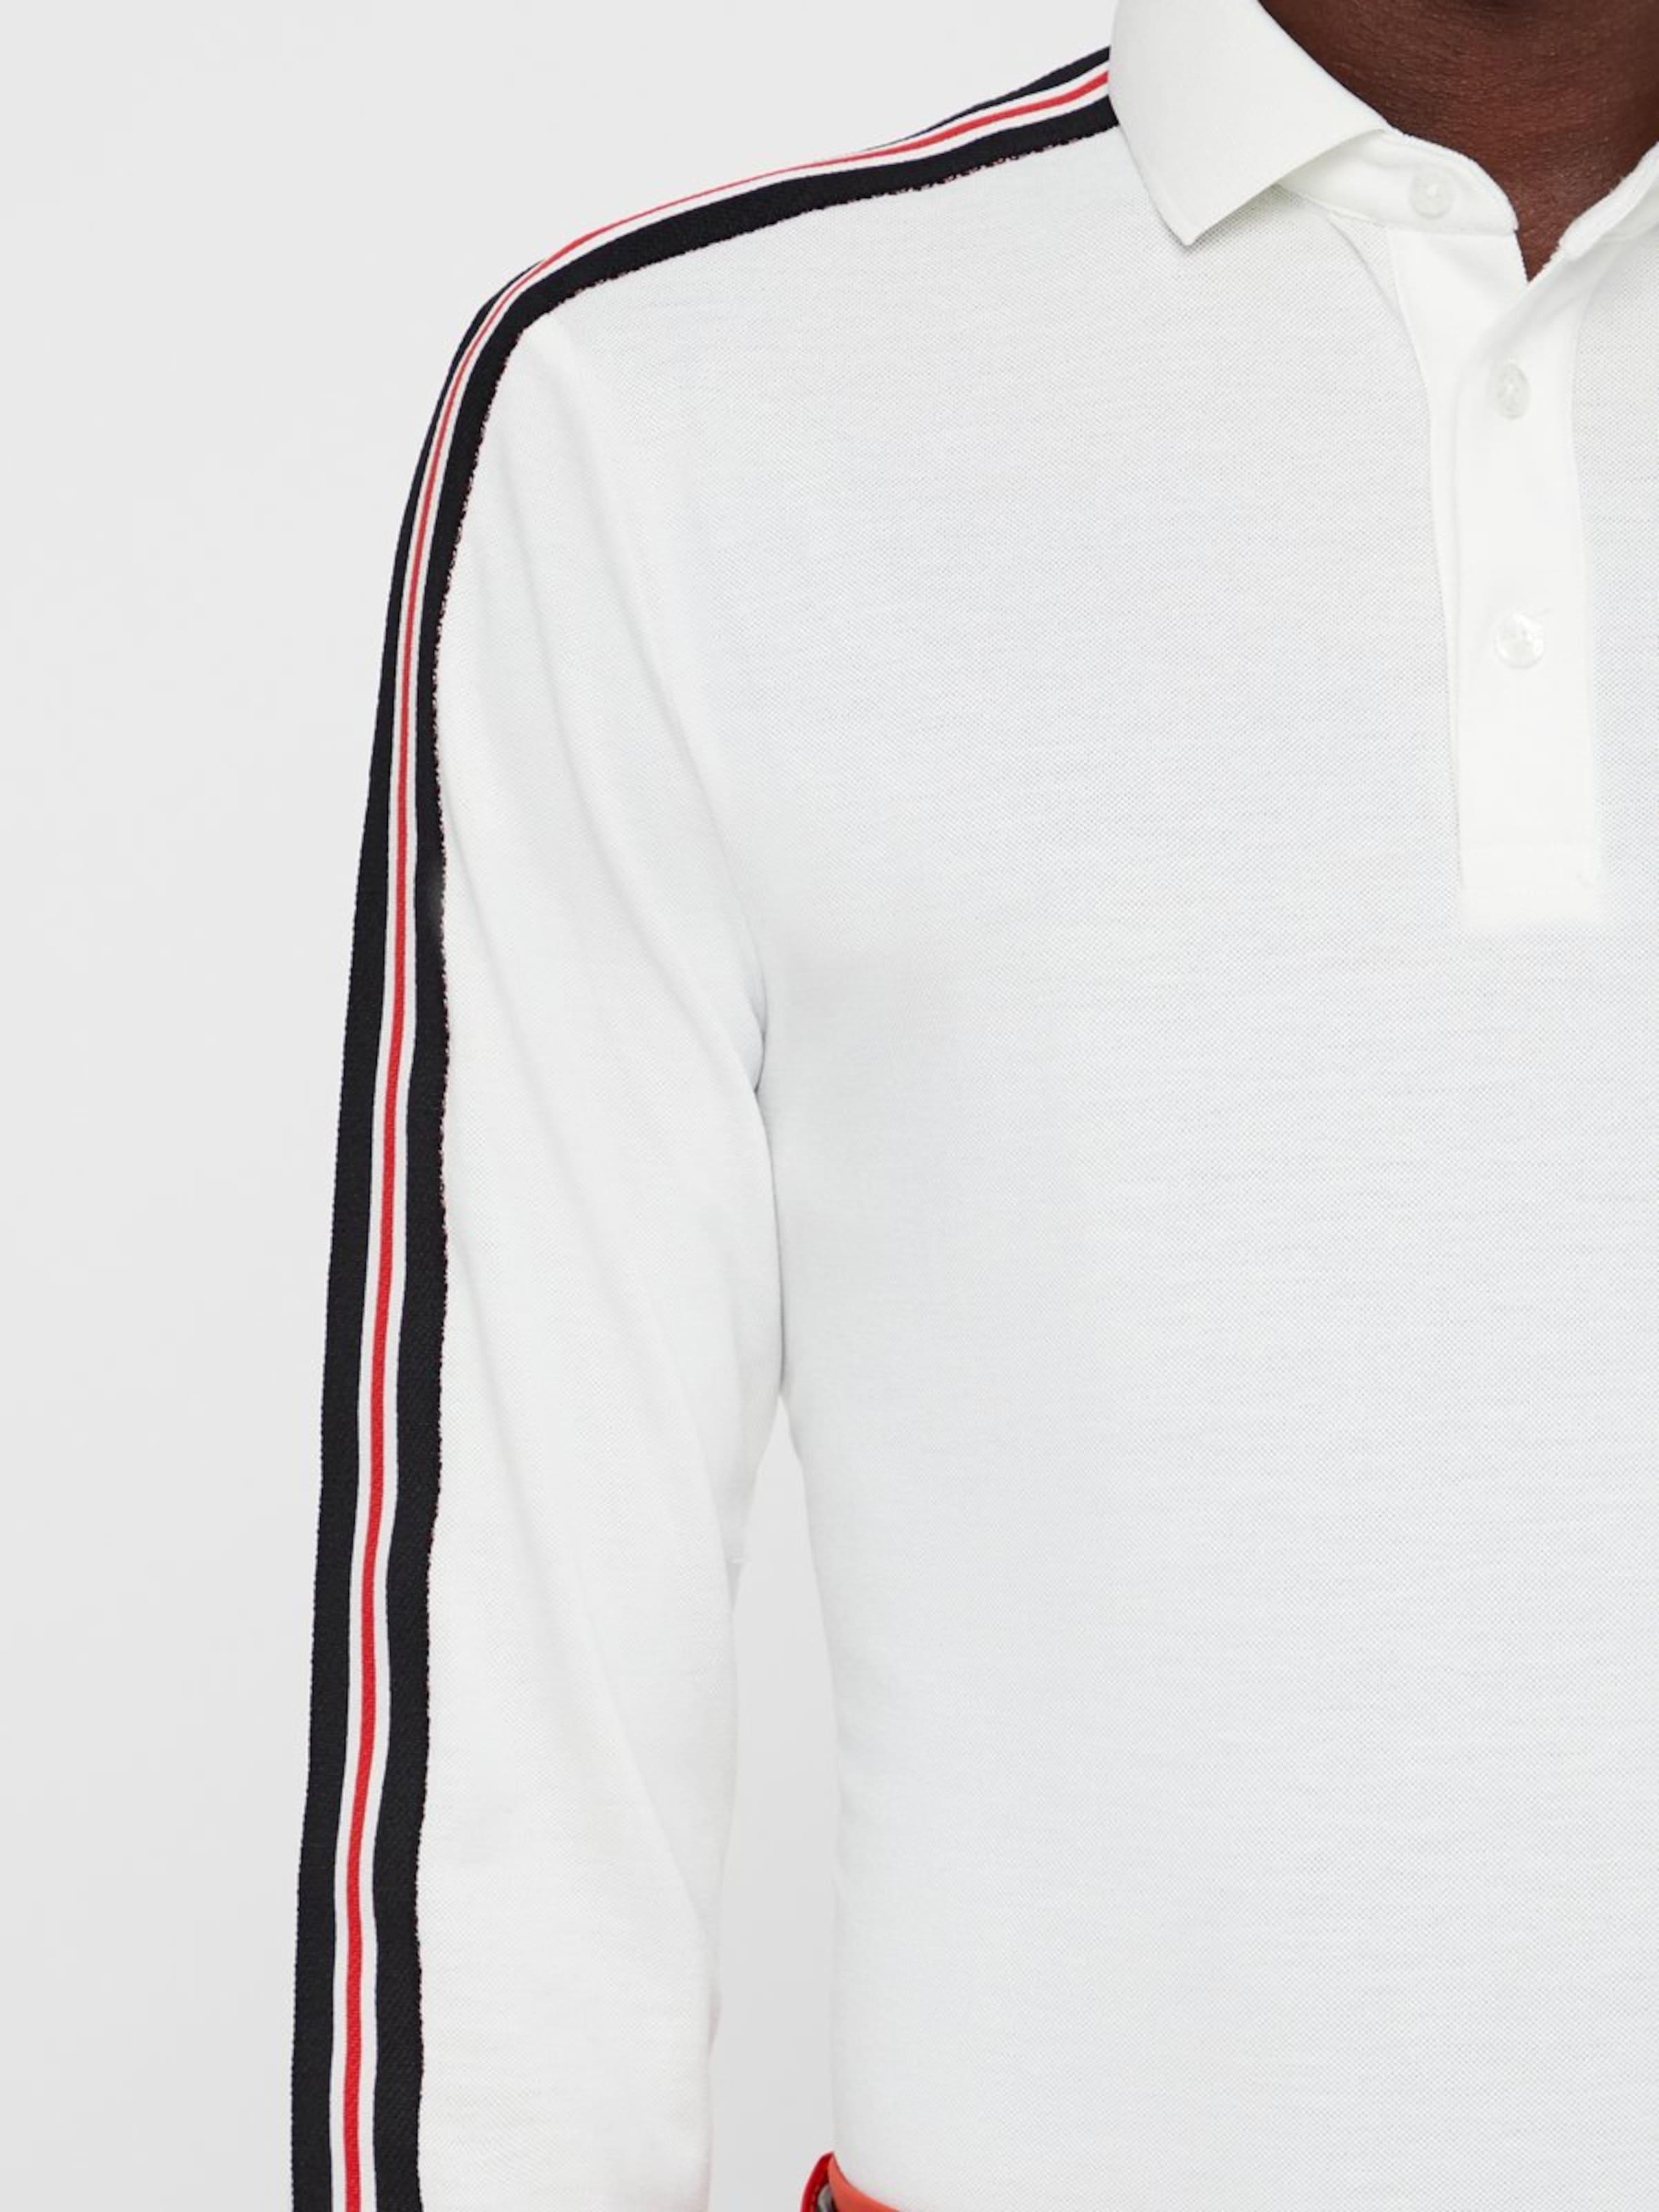 lindeberg Pique' Shirt RotSchwarz 'cool Weiß J In w8nN0OZkPX